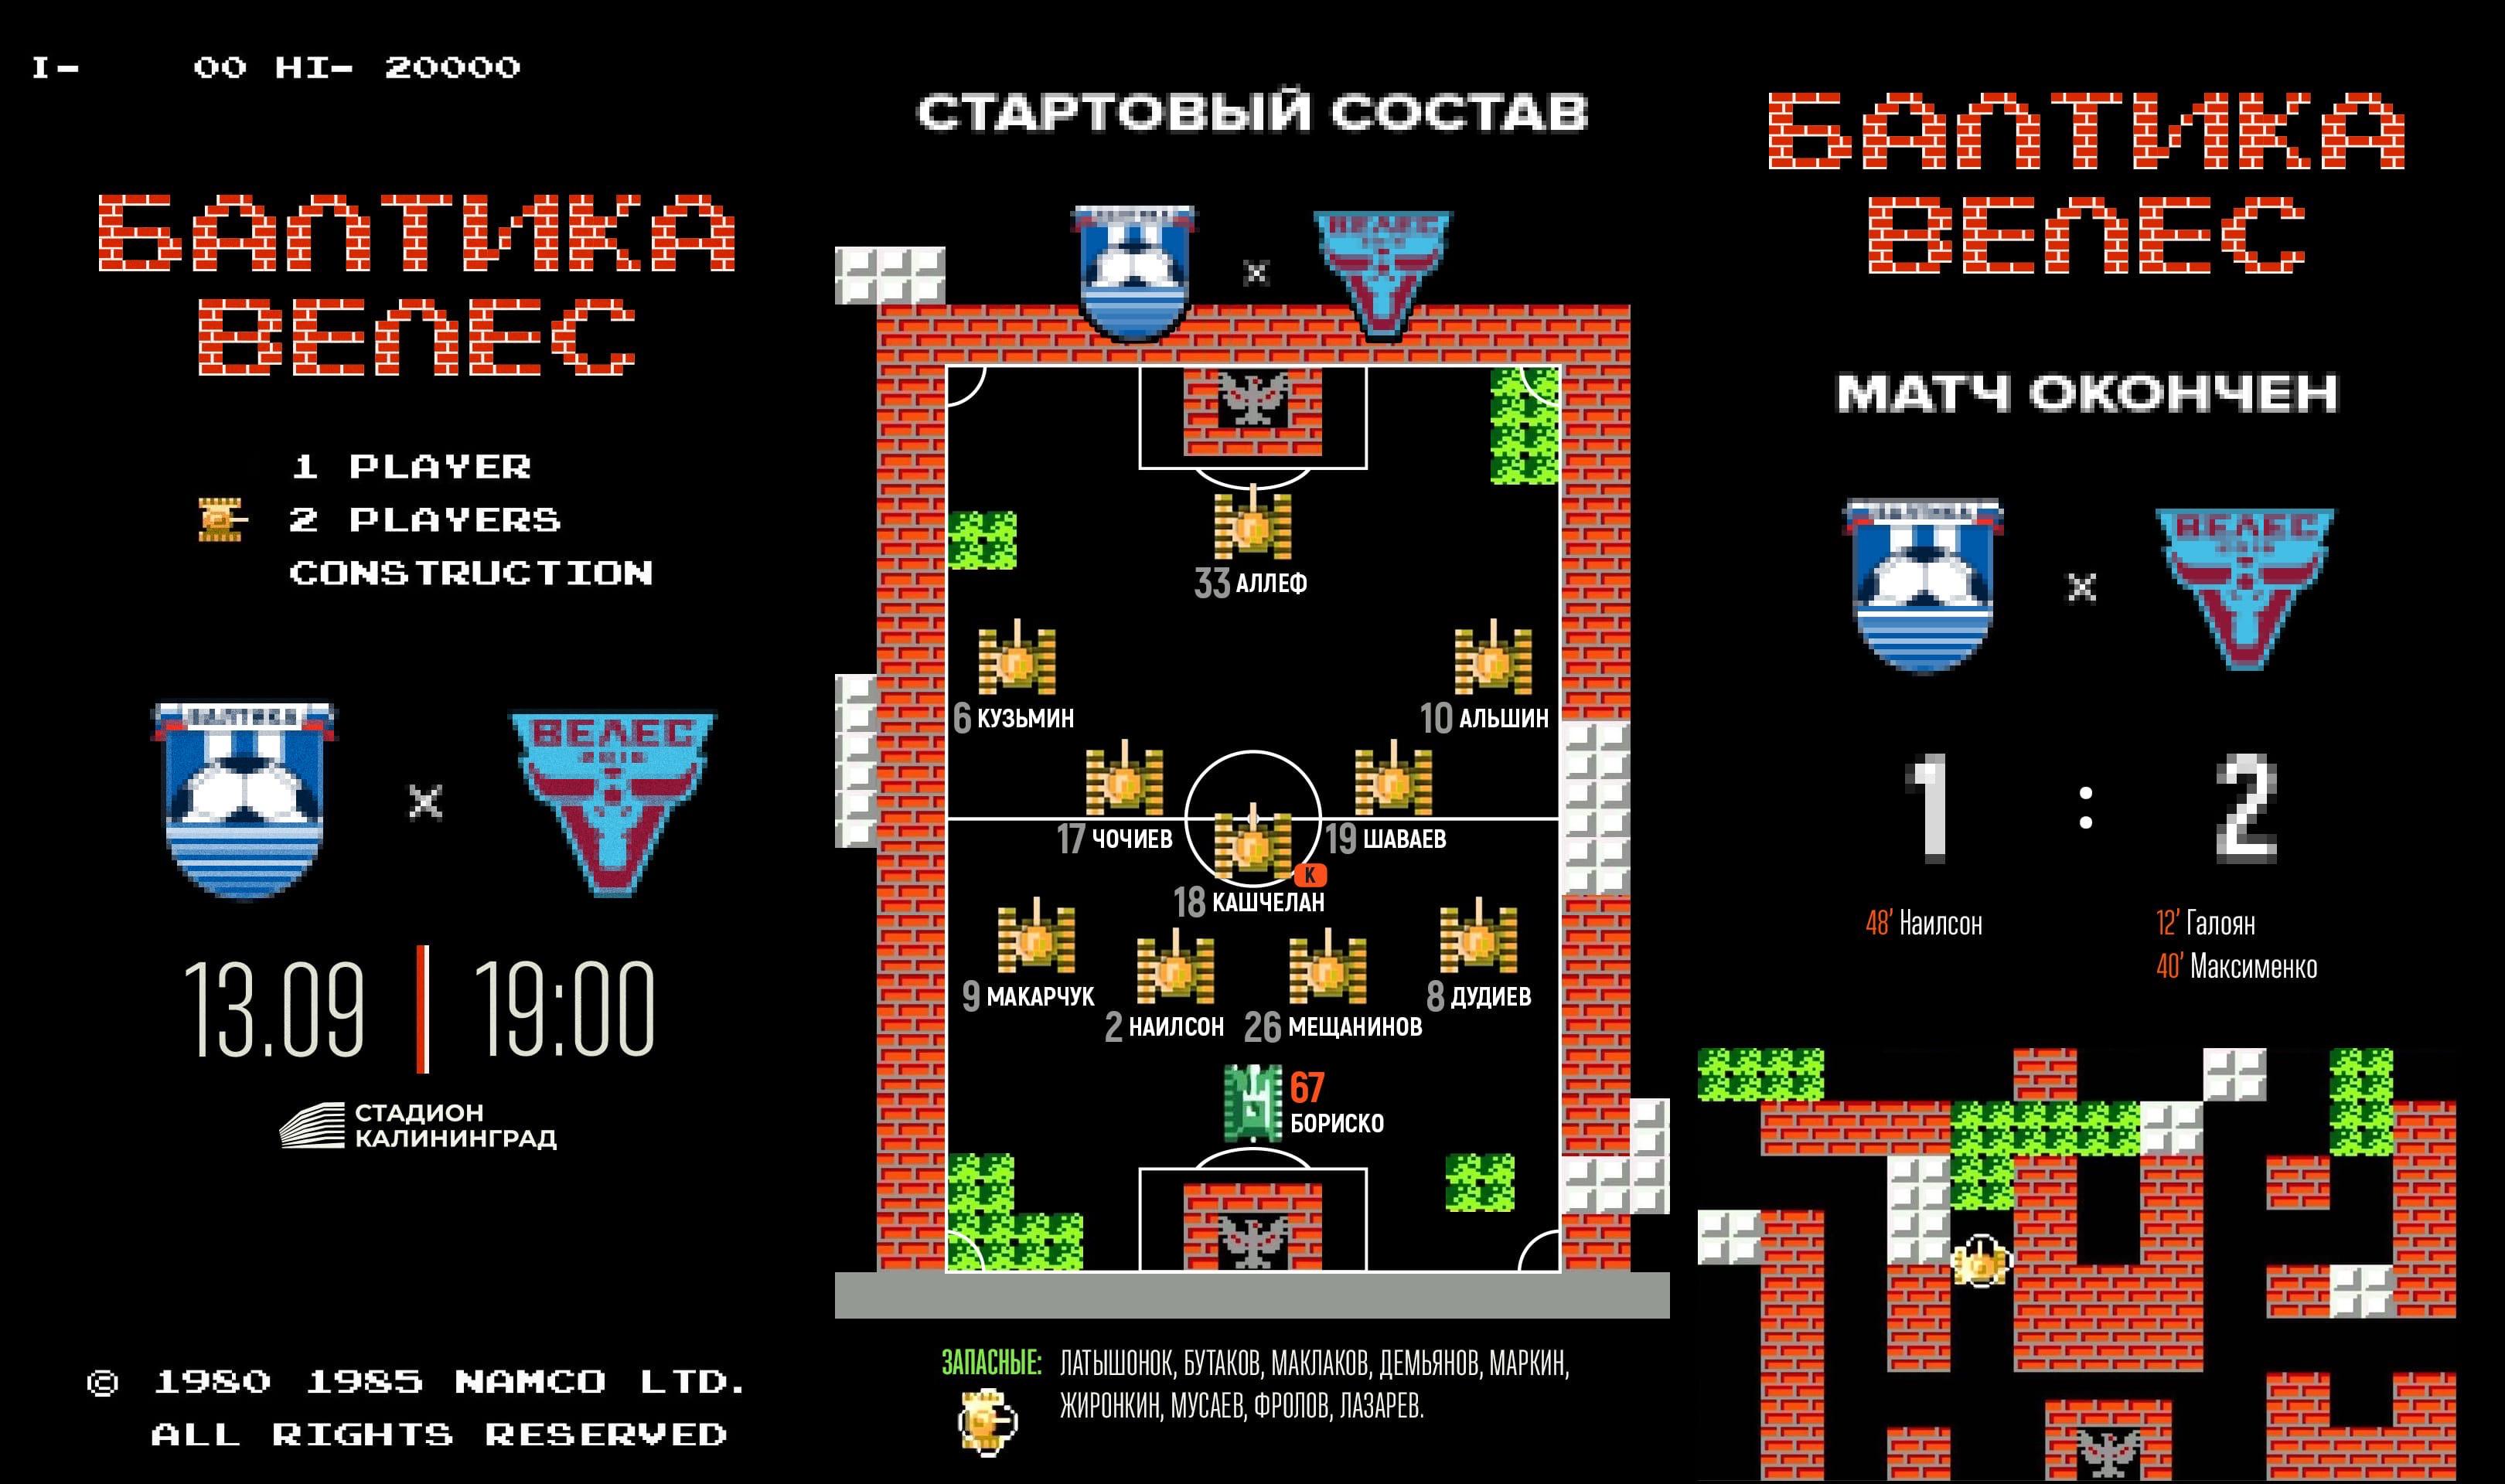 Все пишут о классных анонсах «Спартака». Но футбол есть не только в РПЛ: смотрите, какая красота в соцсетях «Балтики»